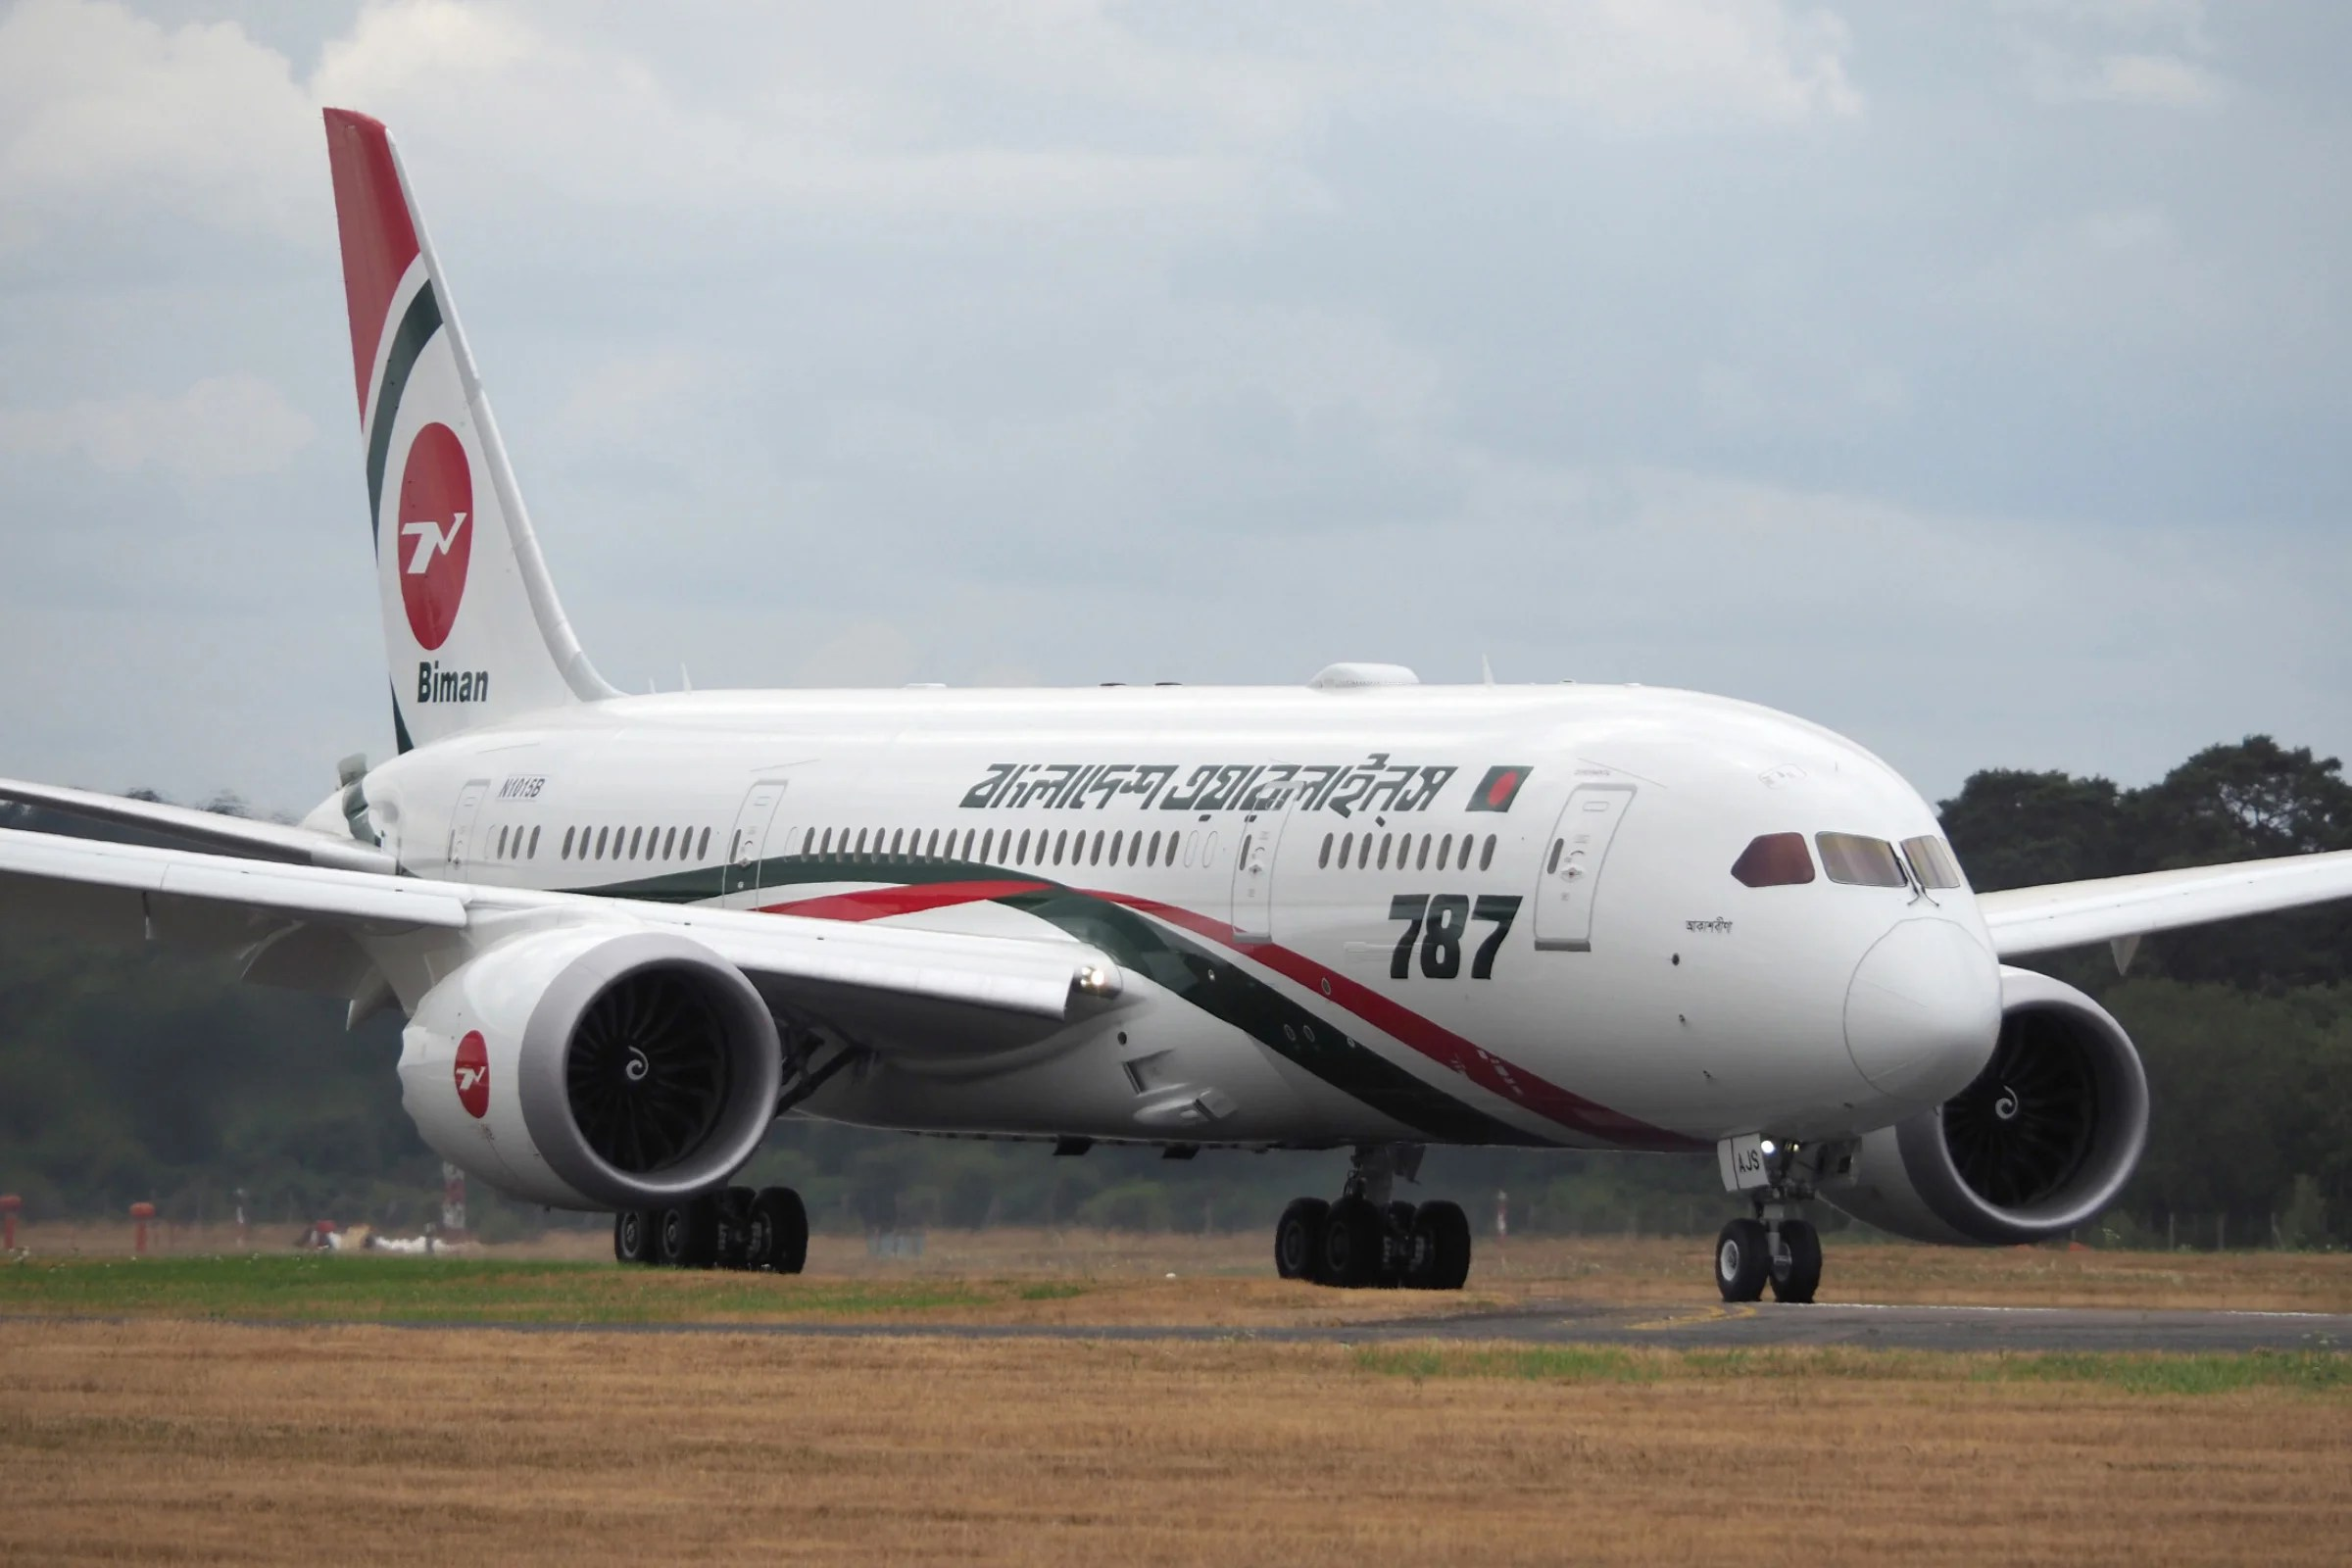 Inside Boeing's Latest Dreamliner, Biman Bangladesh's 787-8